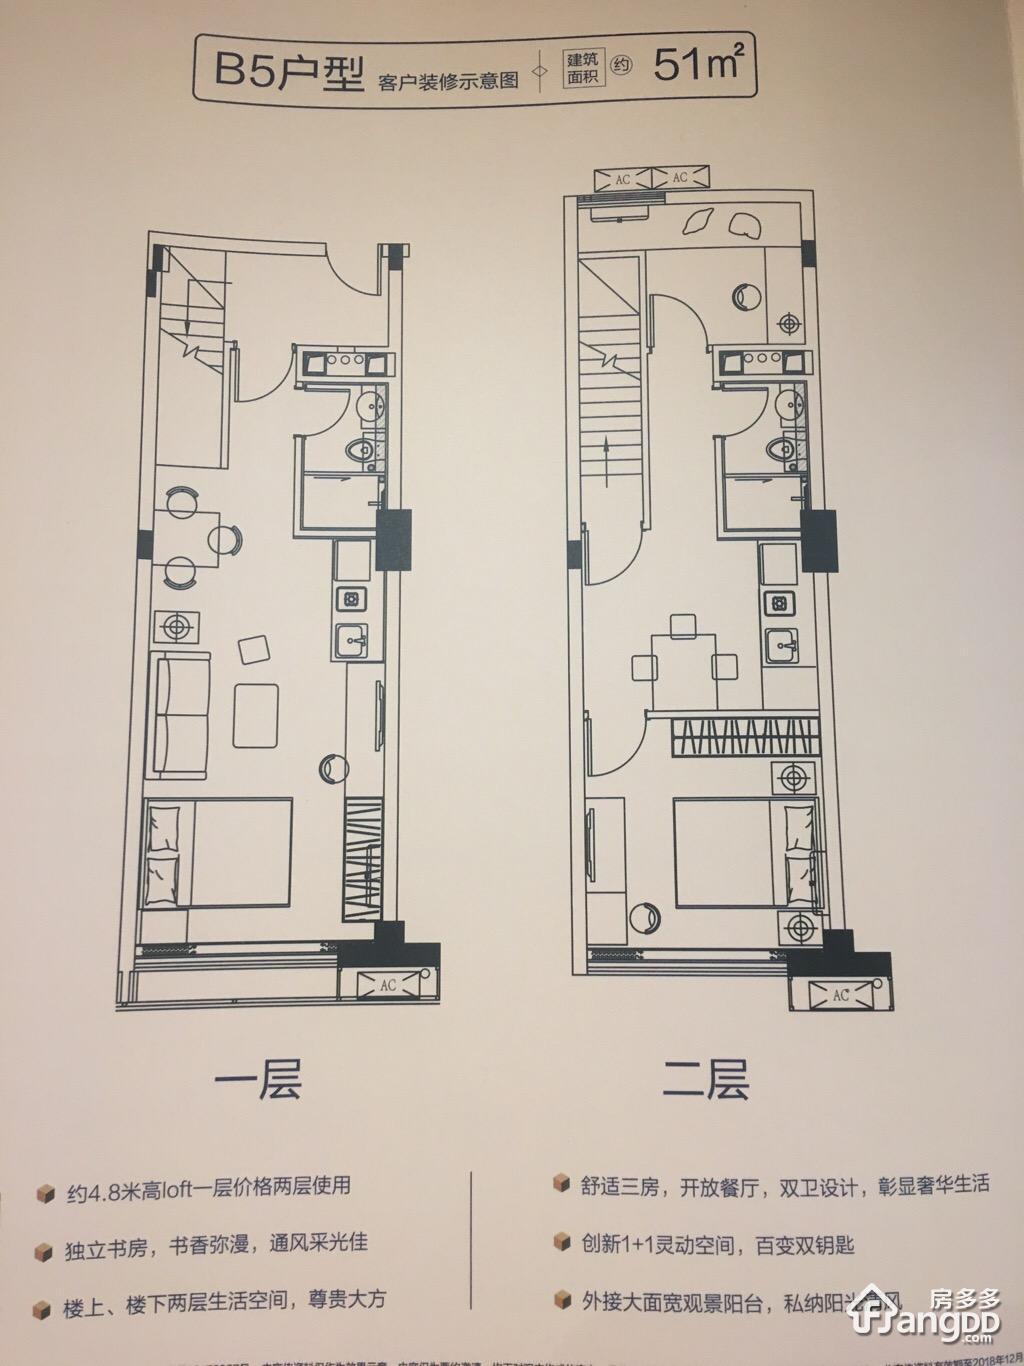 天健汇3室2厅2卫户型图